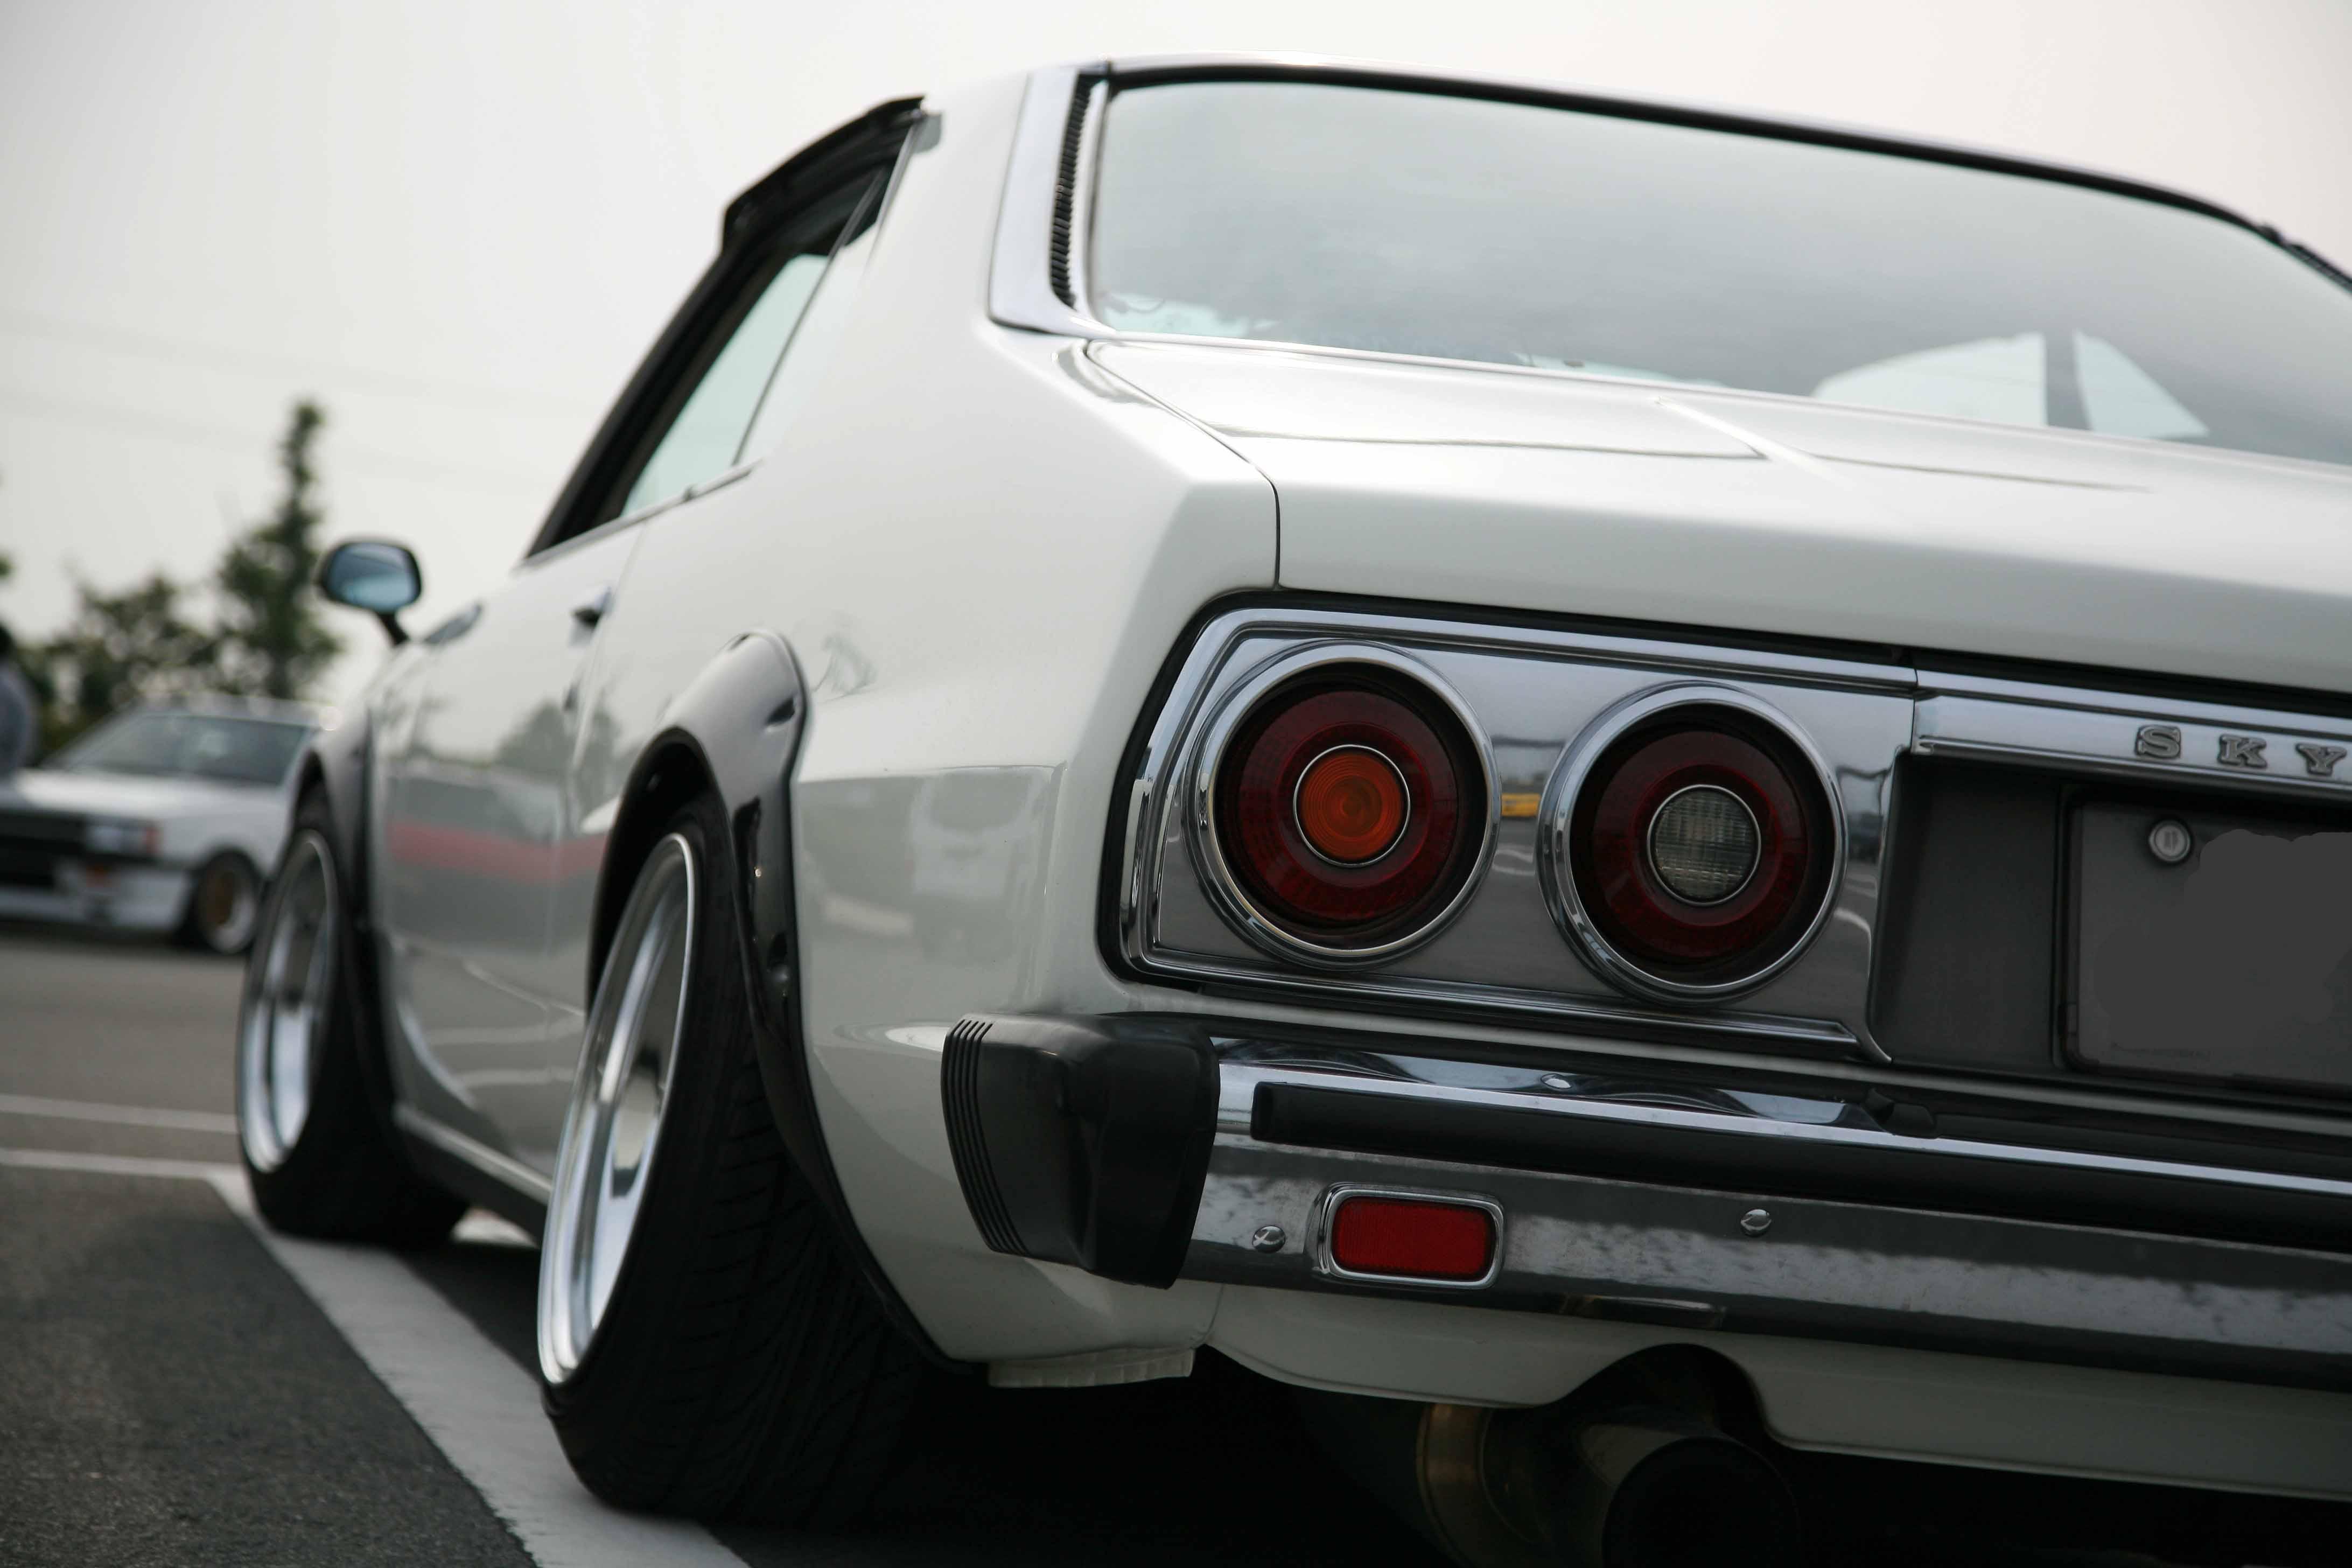 旧車 Antique Car Japaneseclass Jp